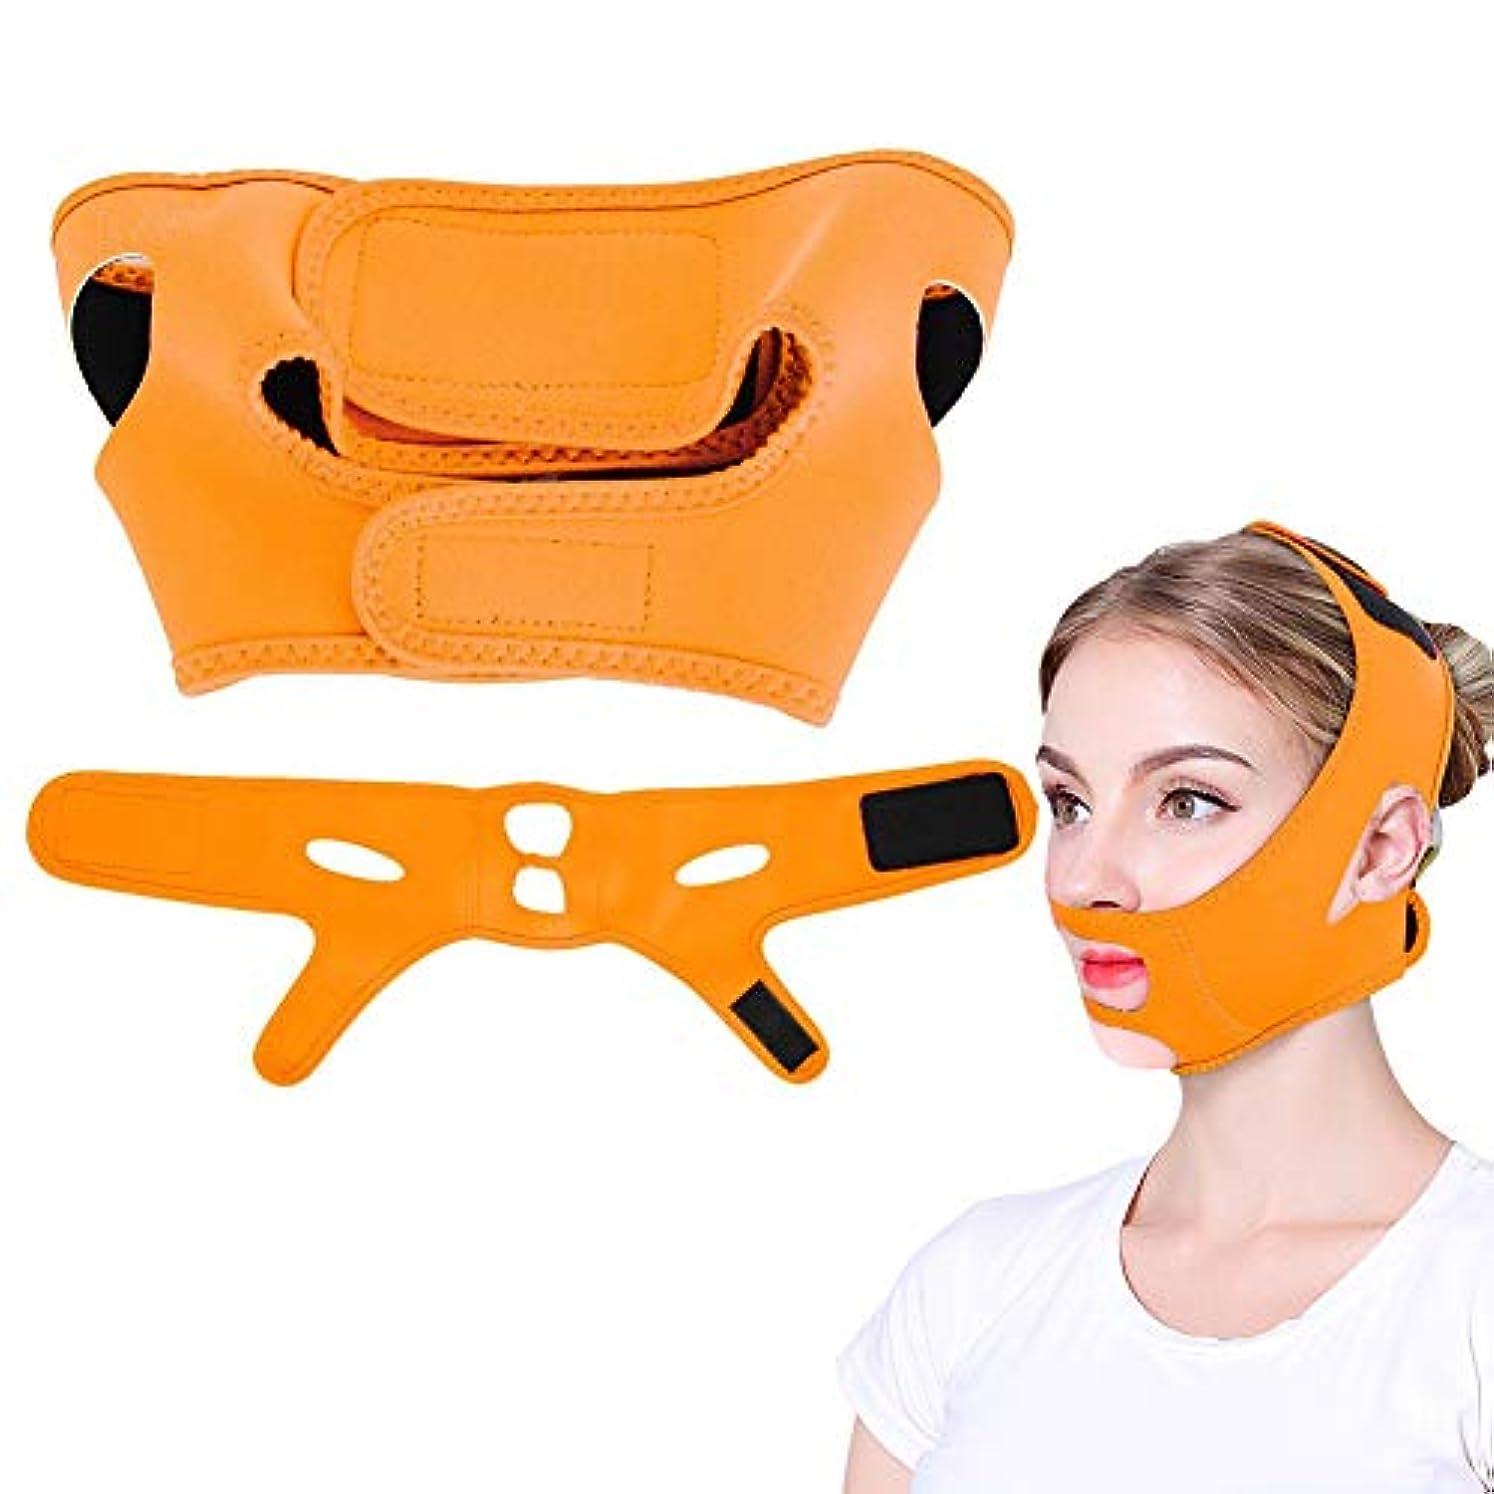 視聴者遺跡アマチュアフェイススリミング包帯小 顔 美顔 矯正、顎リフト フェイススリミングマスク (オレンジ)